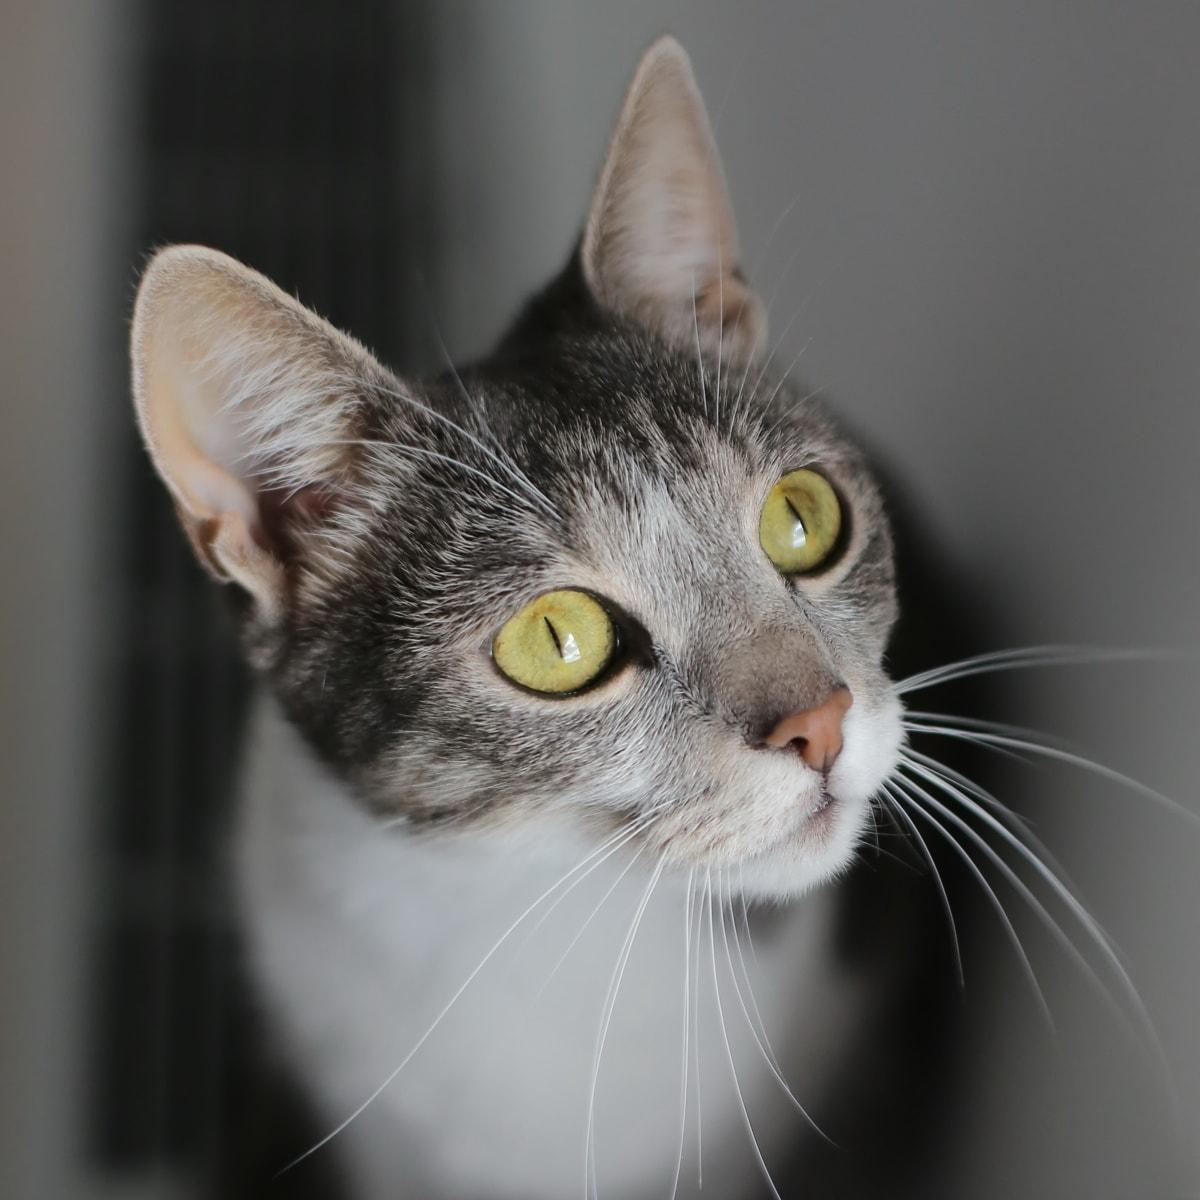 chat domestique, yeux, à la recherche, moustaches, cils, œil, chat, Portrait, mignon, domestique